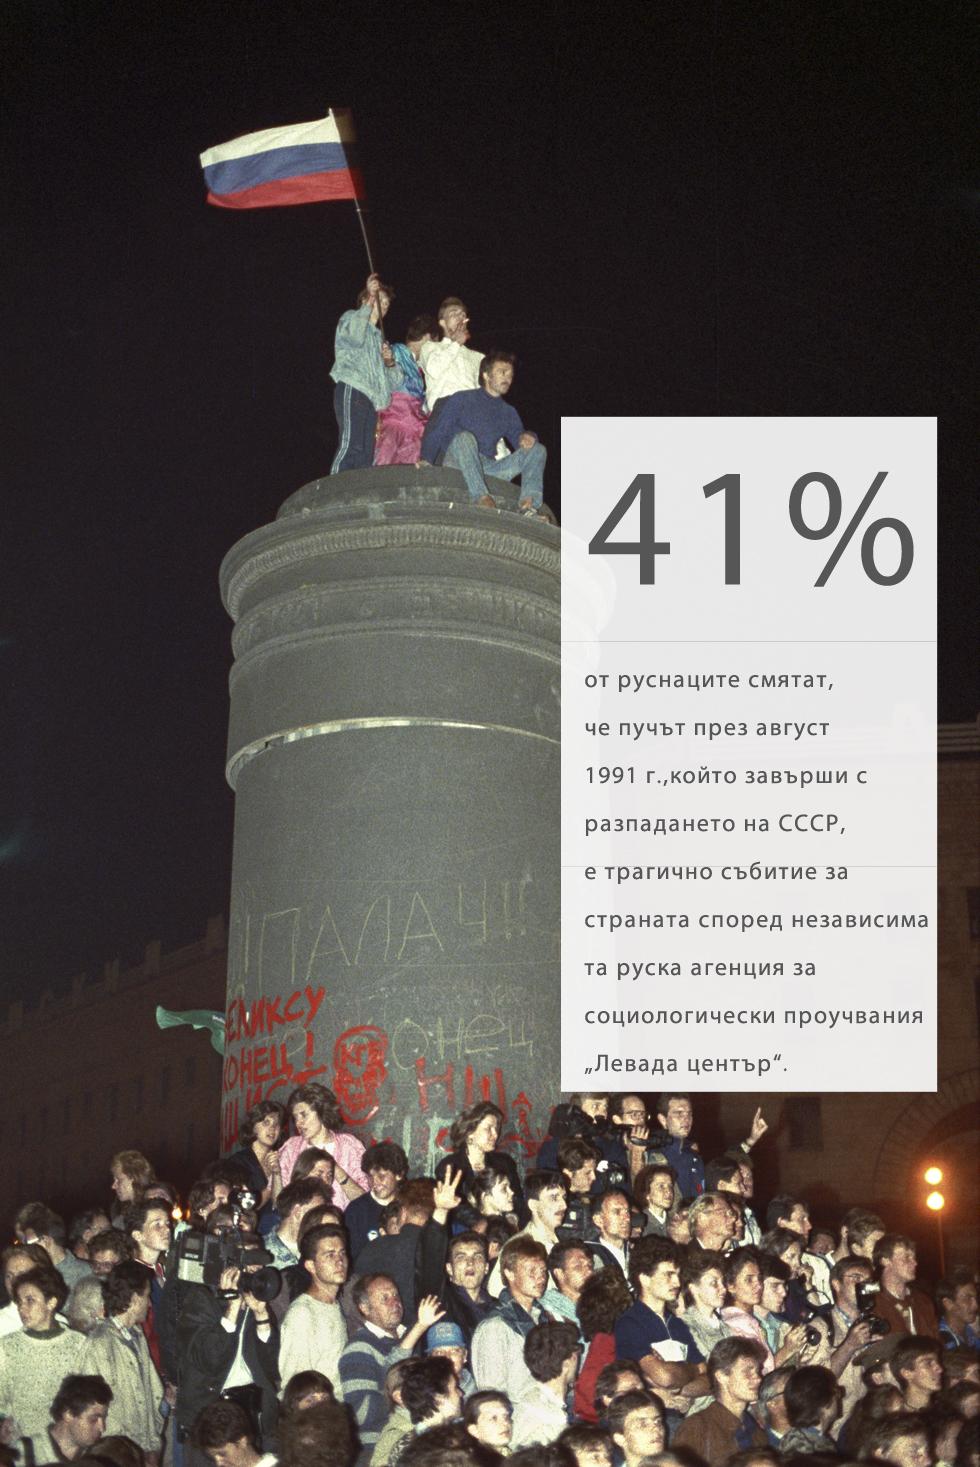 """Делът им е с 14% по-голям в сравнение с 1994 г., когато повечето описваха събитията като """"просто борба за власт"""". Днес само 10% от анкетираните ги определят като победа за демокрацията.37% от руснаците мислят, че през 1991 г. страната е тръгнала по погрешен път.На тази снимка паметник на Феликс Дзержински, председател на Всеруската извънредна комисия – предшественик на КГБ – бива свален по време на митинг на пл. """"Лубянка"""" в нощта на 22 срещу 23 август, 1991 година."""